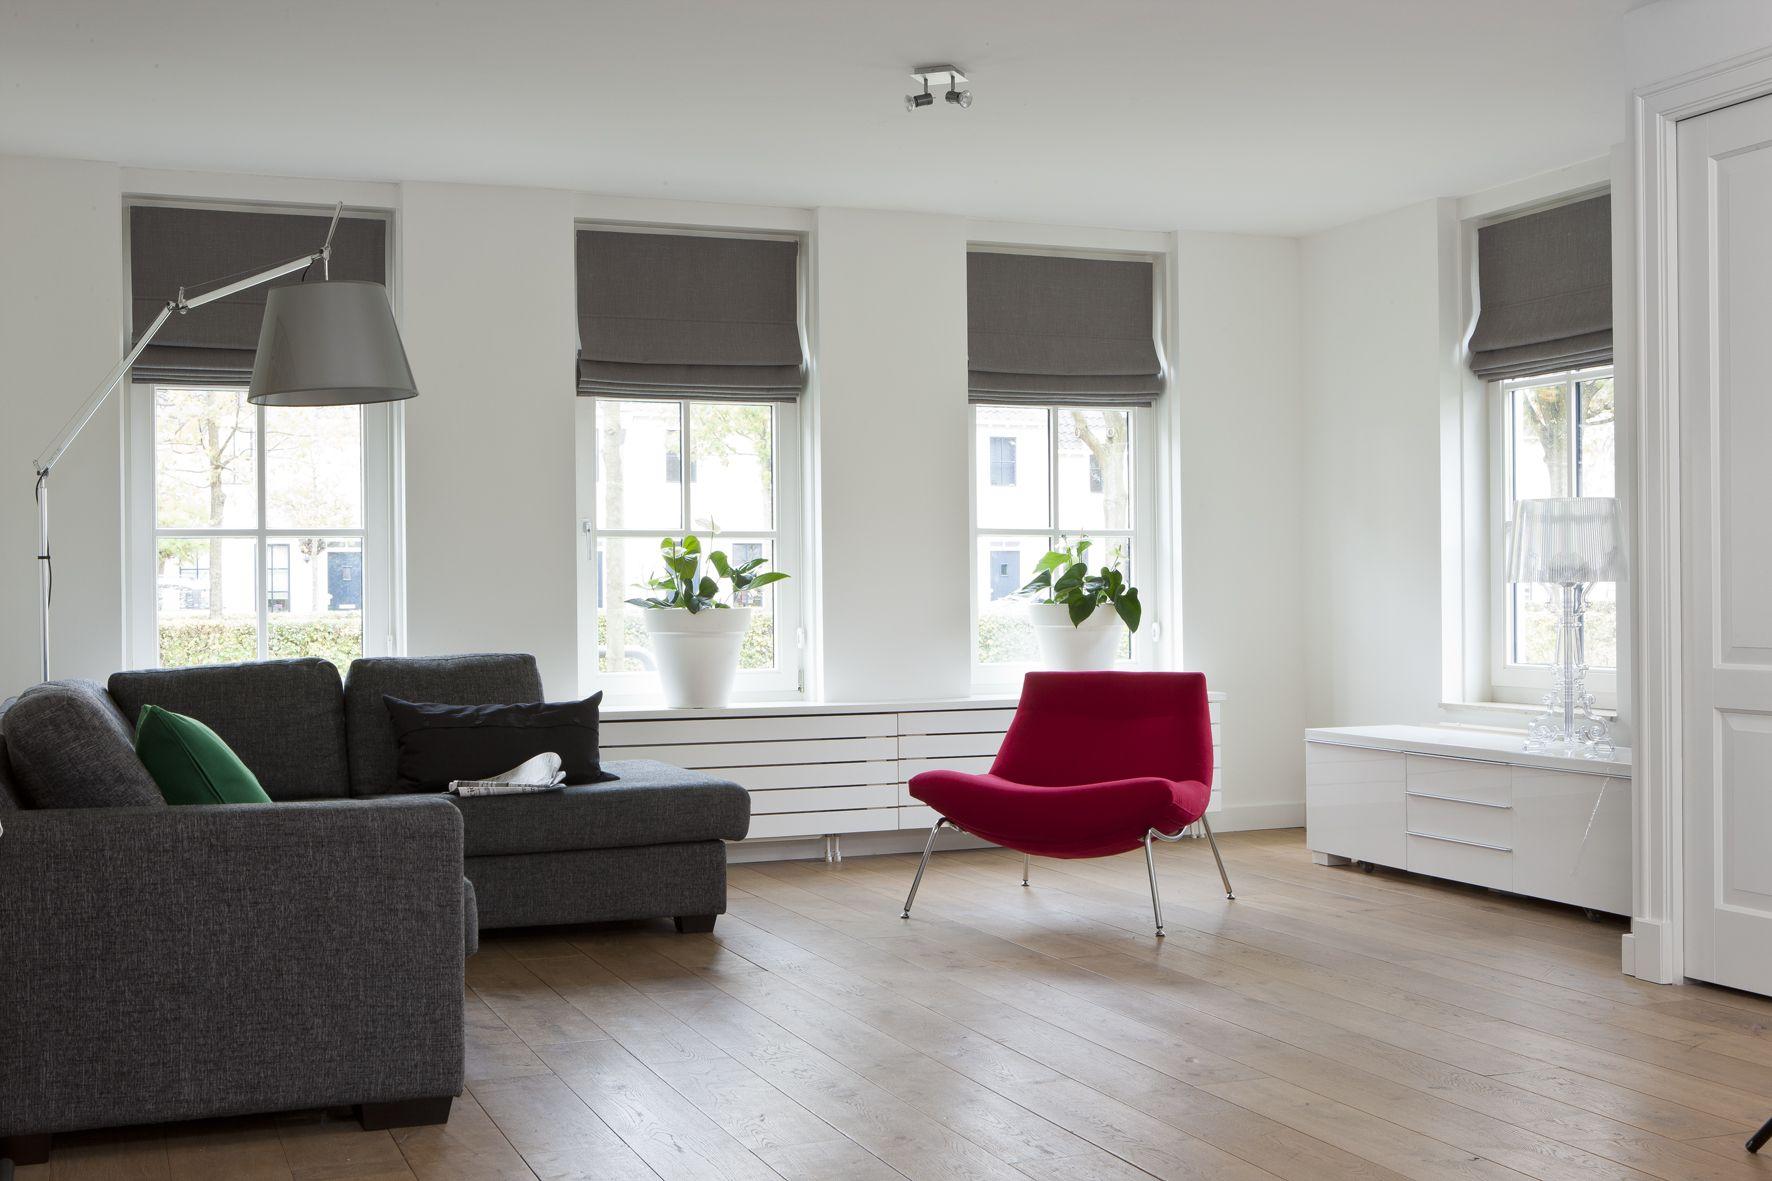 Vouwgordijnen landelijke stijl for the home pinterest roman blinds living rooms and milling - Moderne lounge stijl ...